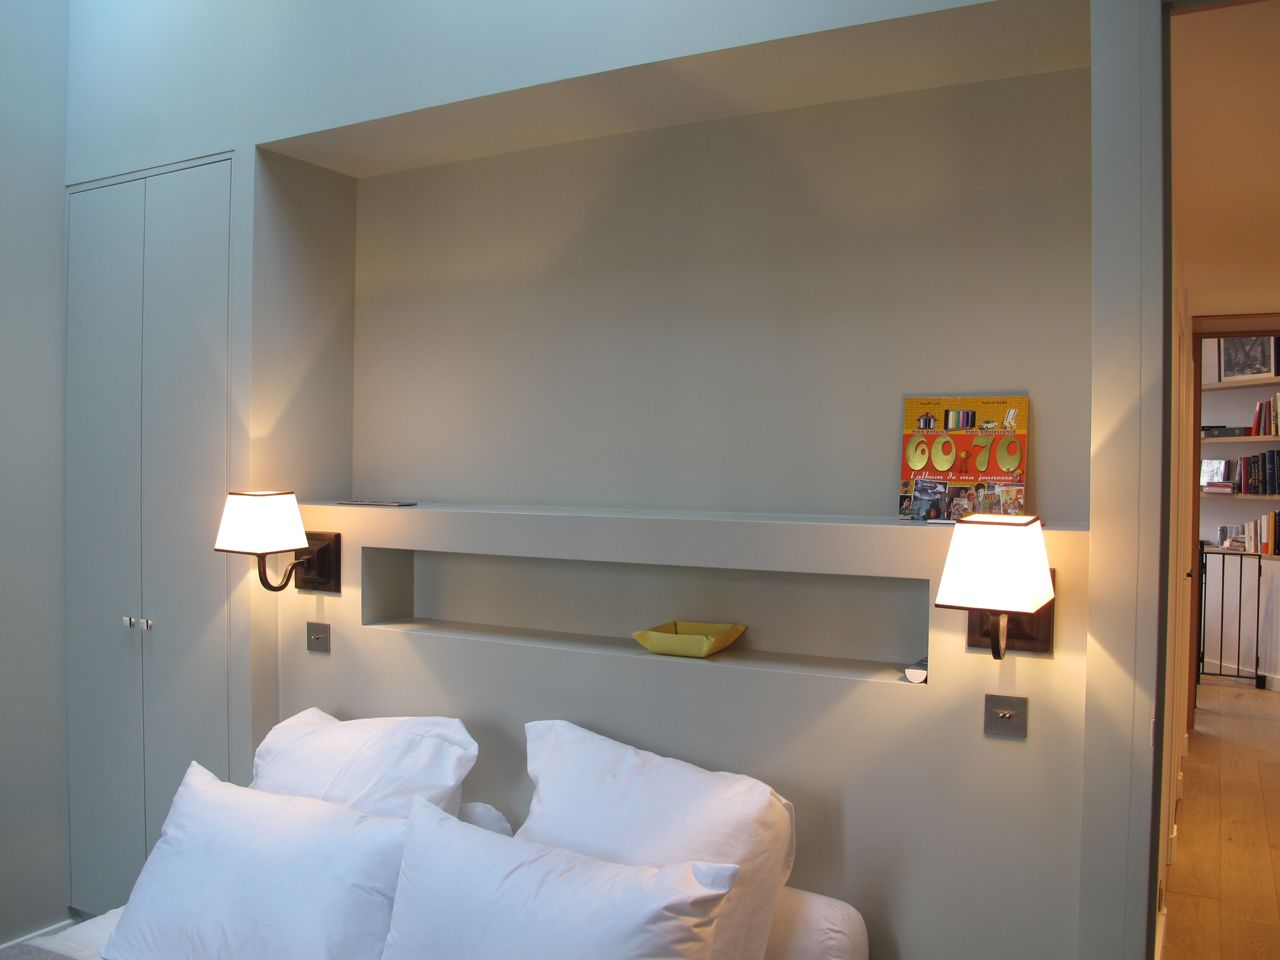 id e t te de lit niche parents mod le chambre pinterest idee tete de lit tete de et parents. Black Bedroom Furniture Sets. Home Design Ideas